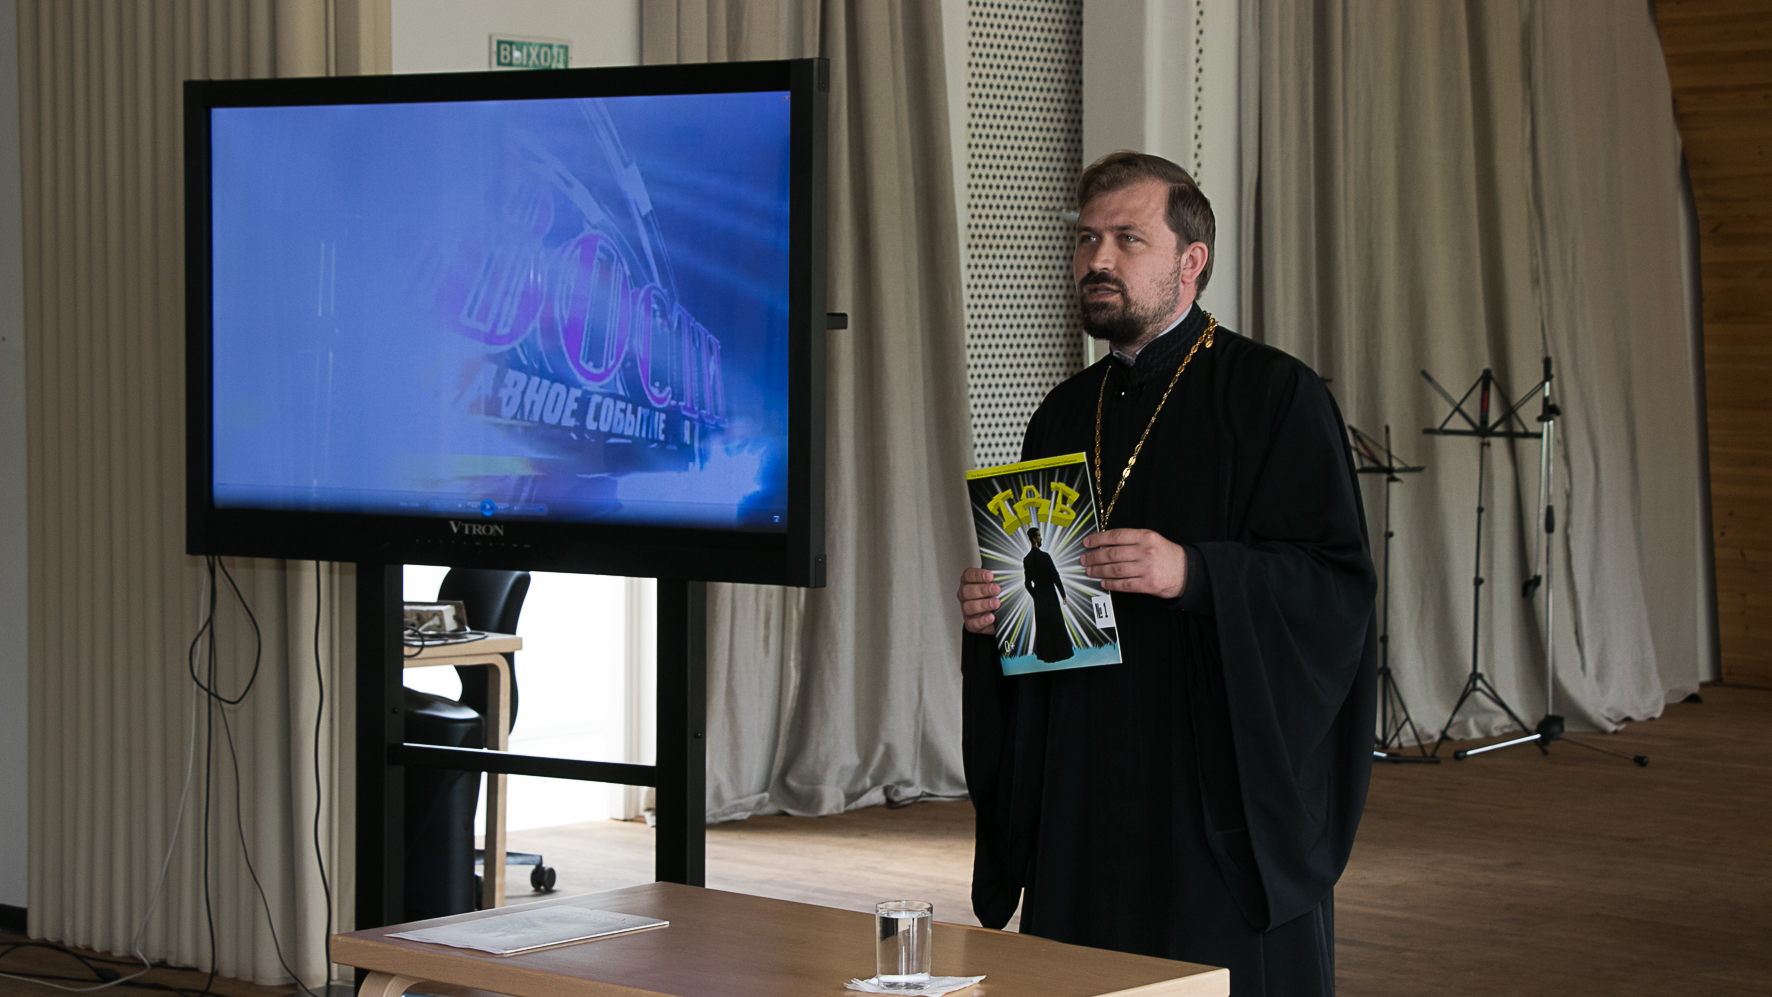 Состоялась встреча главы Отдела по делам молодежи Выборгской епархии с представителями выборгских вузов